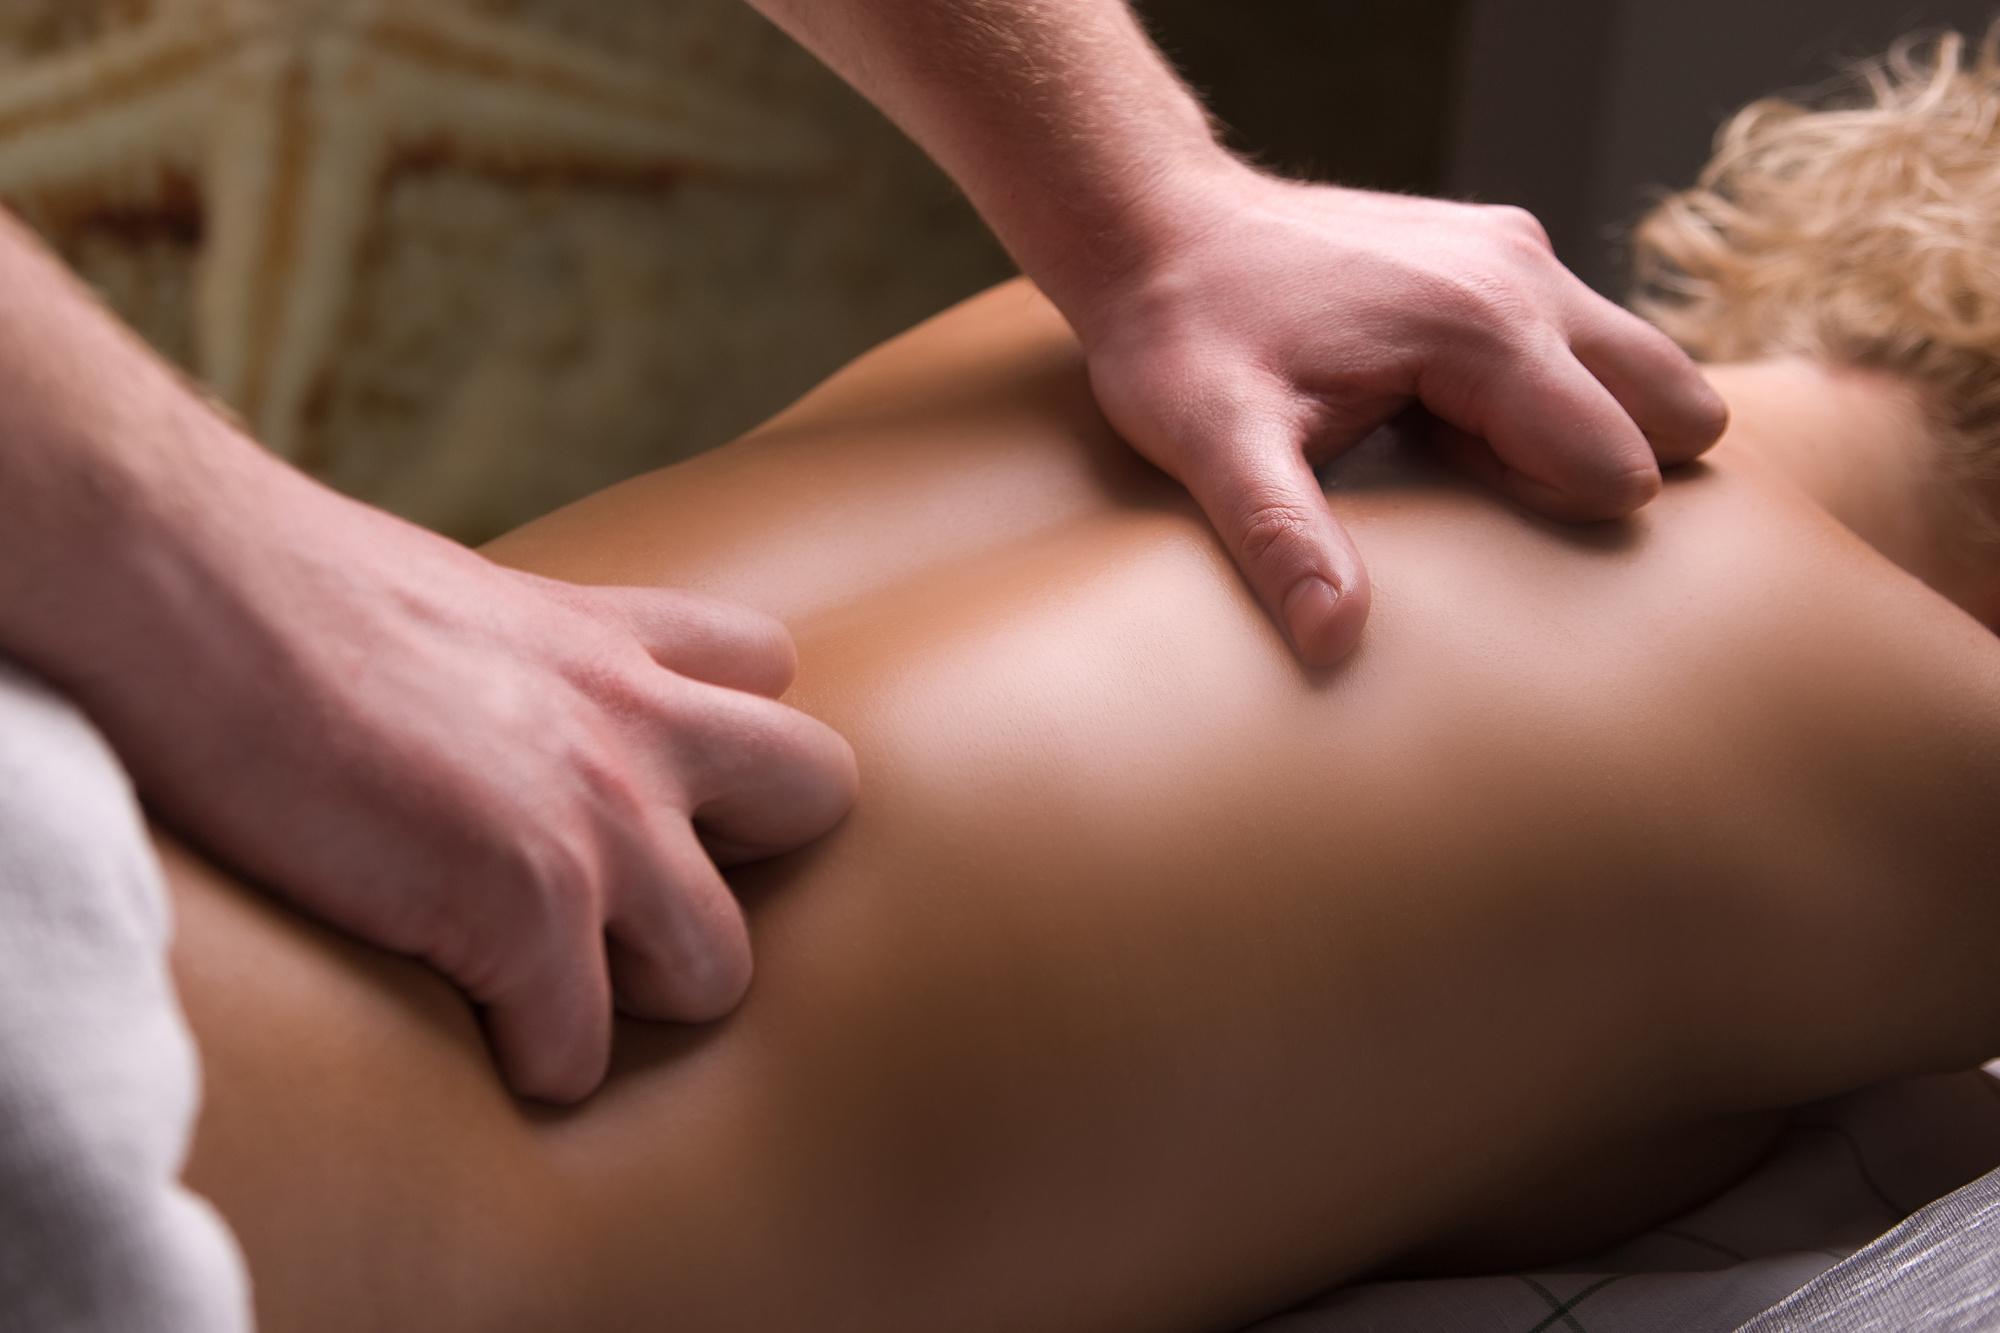 stariy-konchil-seks-video-figura-massazh-video-masturbatsii